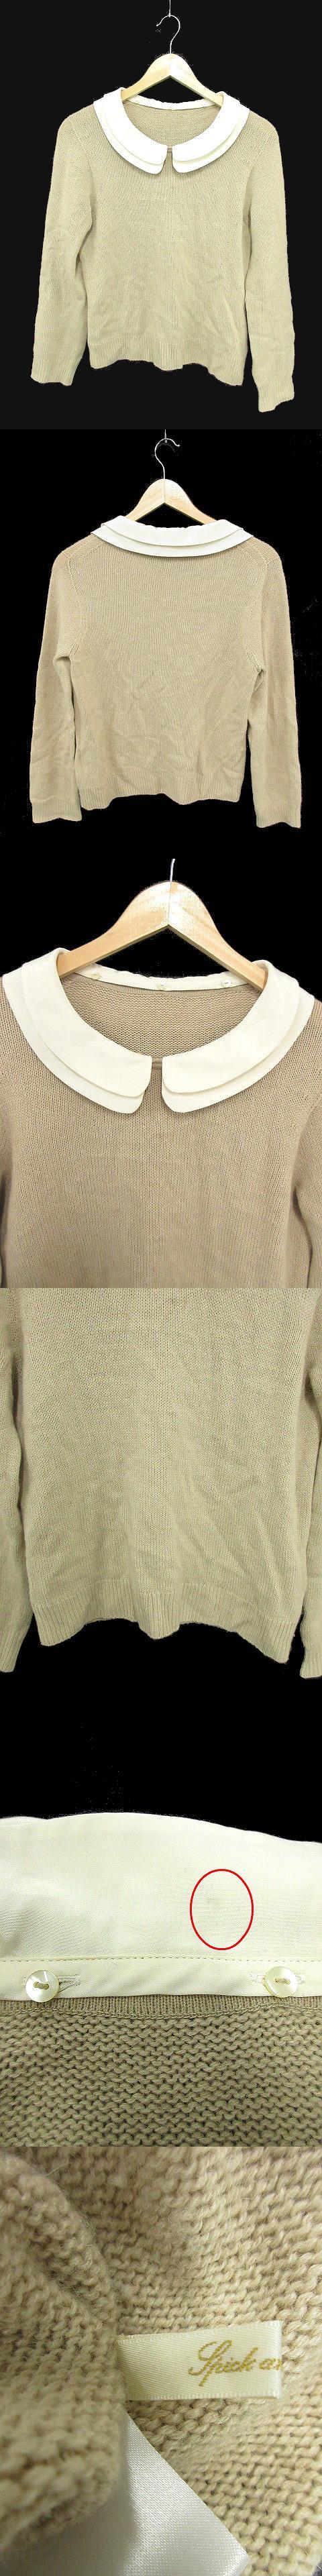 セーター ニット 長袖 ラウンドカラー ウール混 アンゴラ混 カシミヤ混 ベージュ /SU28